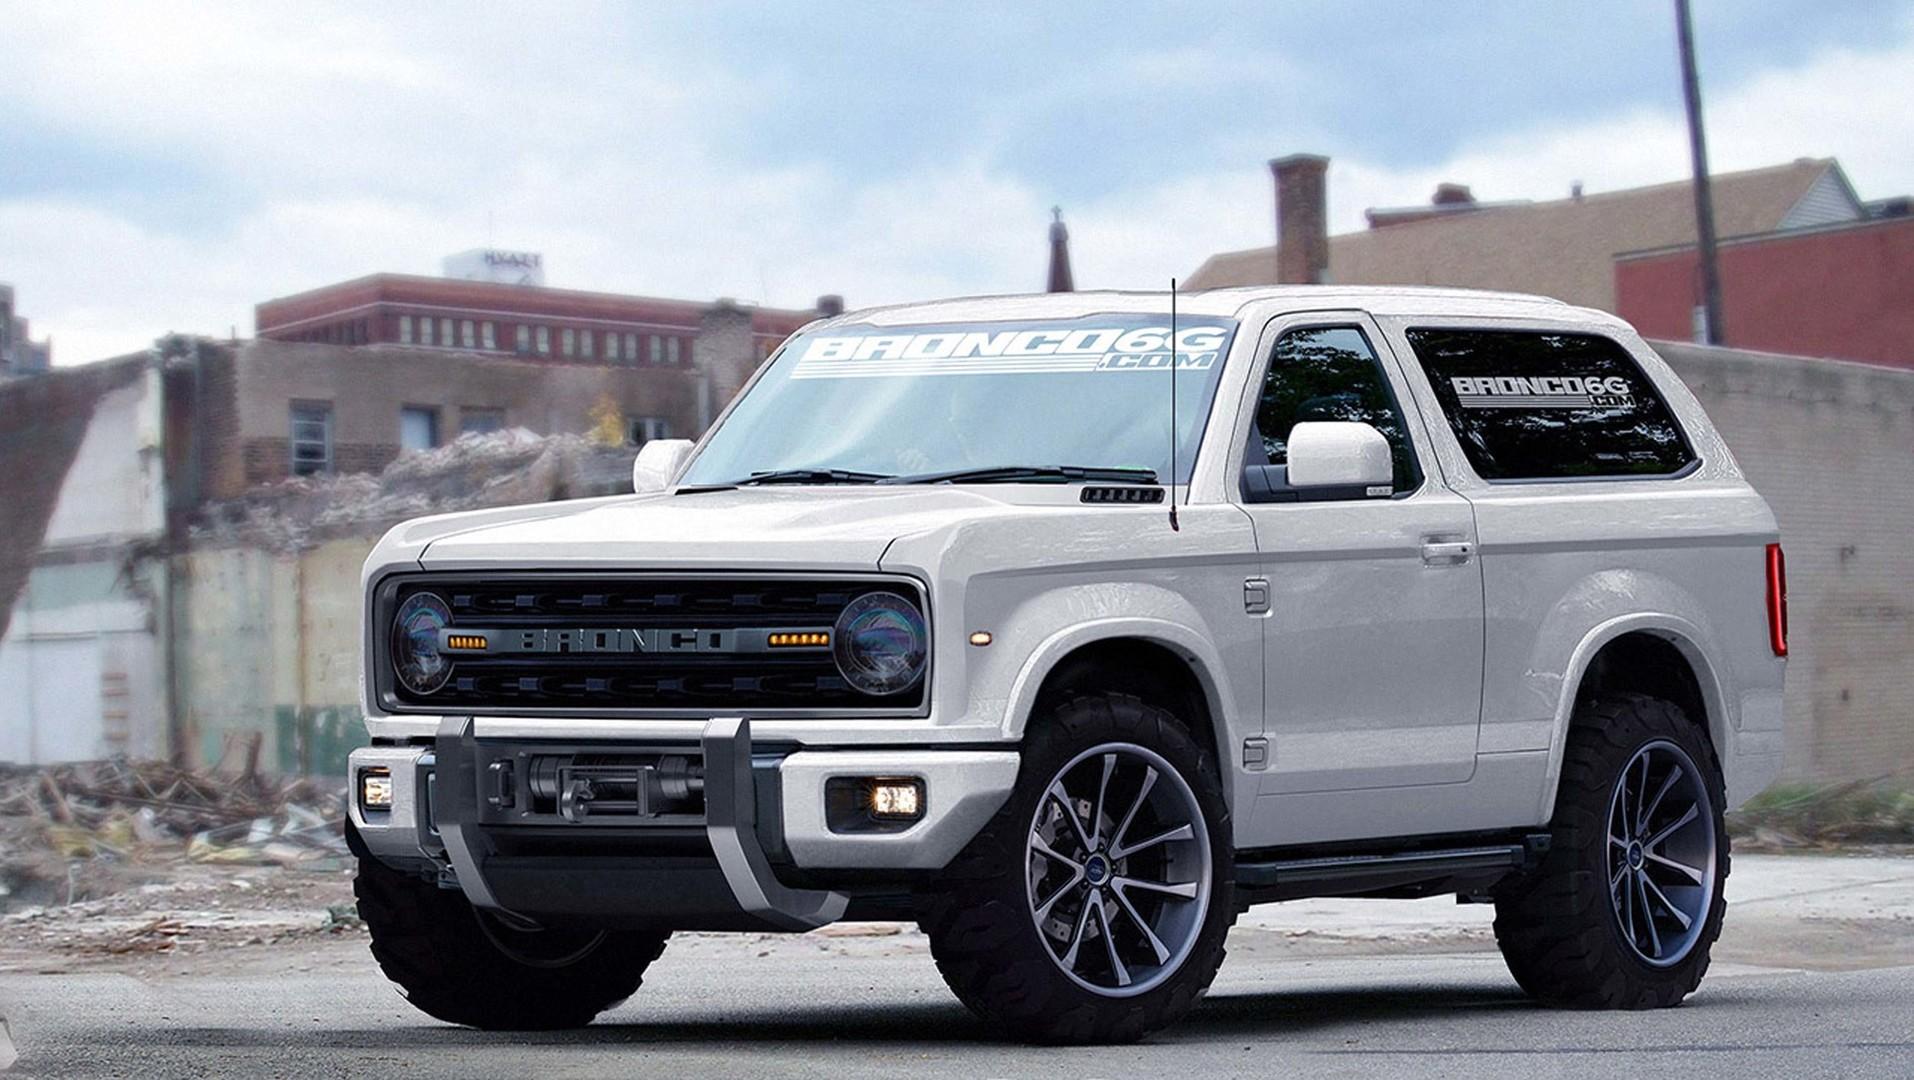 «Жеребец» возвращается в Мичиган: как Трамп помог вернуть к жизни культовый Ford Bronco